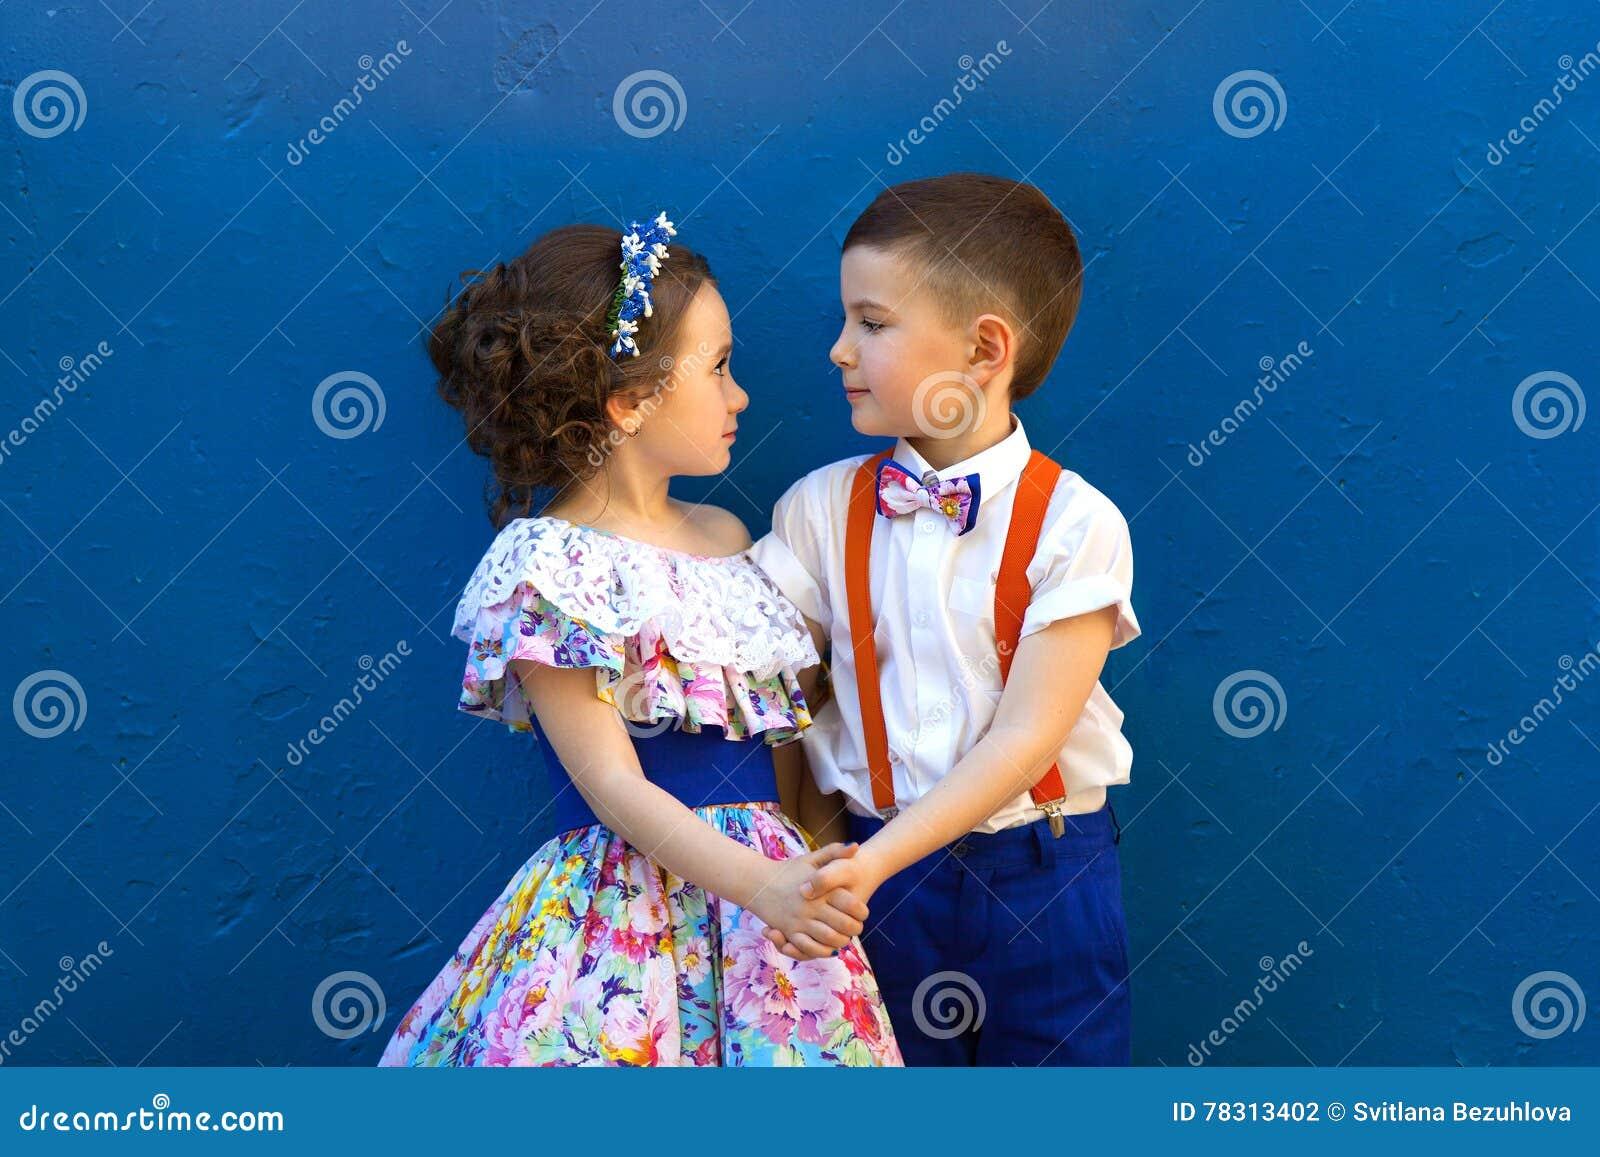 男孩女孩递藏品 Valentine& x27; s天 男孩庭院女孩亲吻的爱情小说